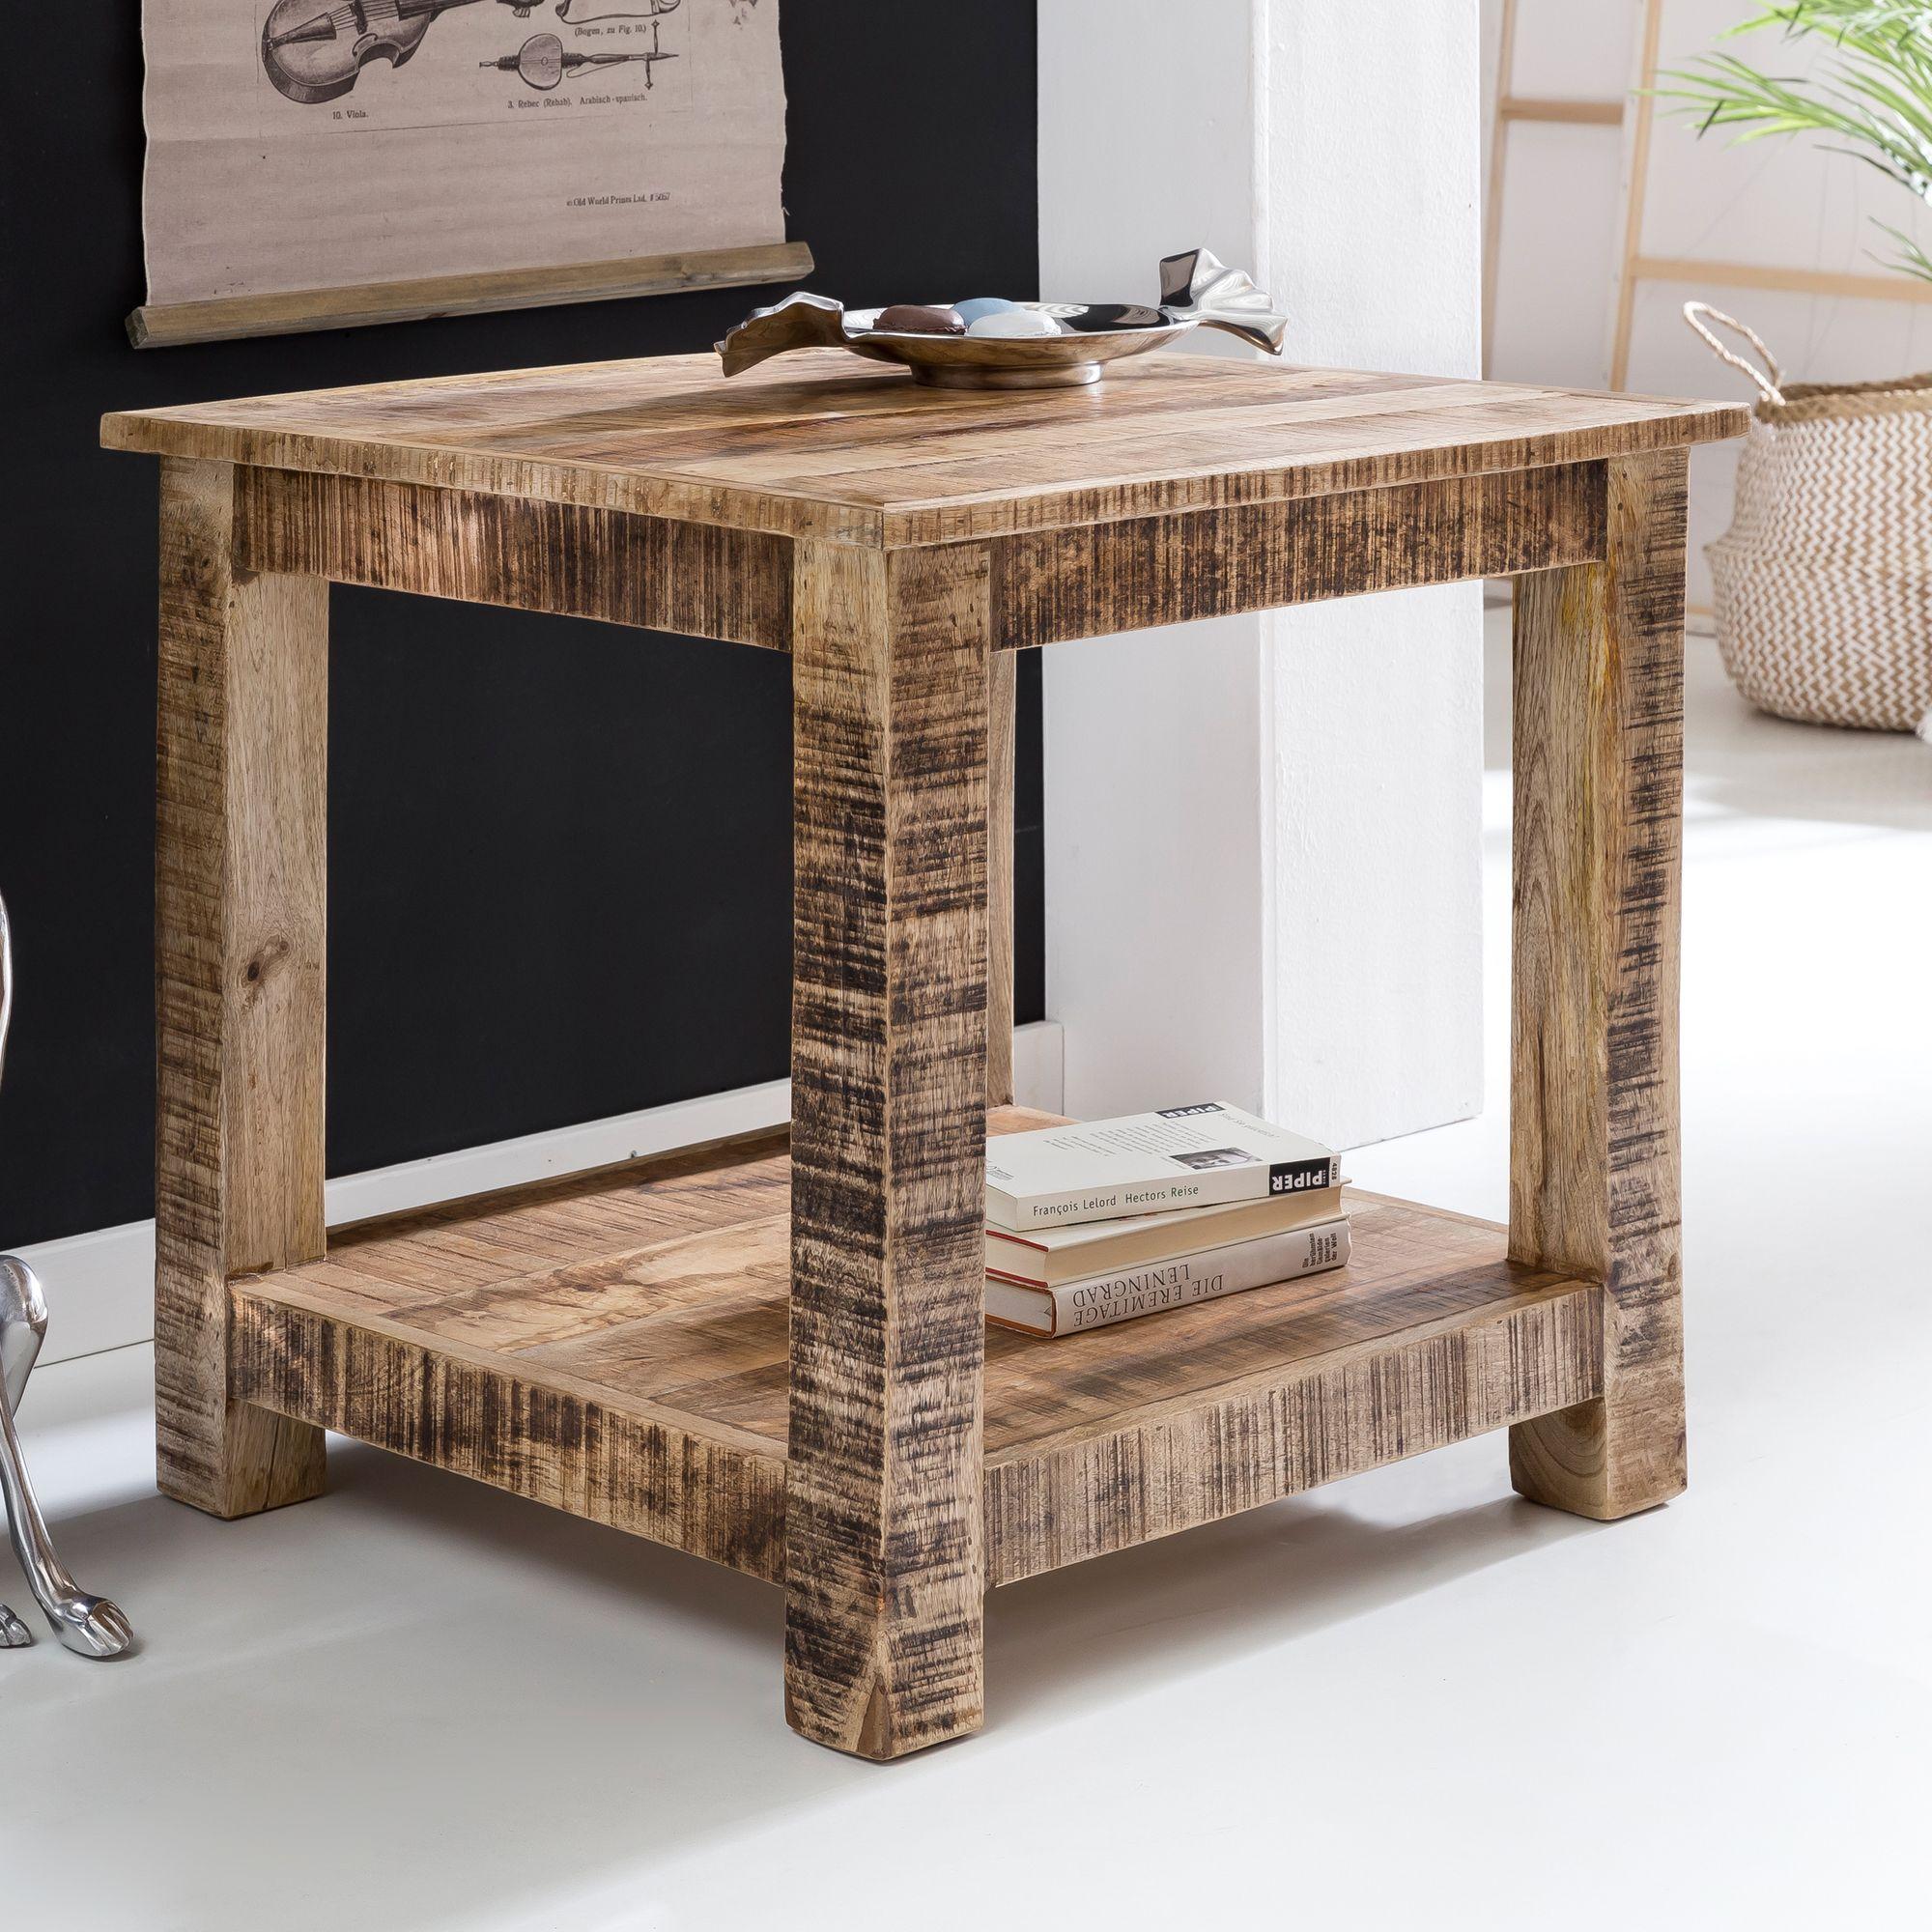 Wunderbar Interesting Finebuy Couchtisch Rusti Massiv Holz X X Cm Wohnzimmer With  Naturholz Couchtisch.